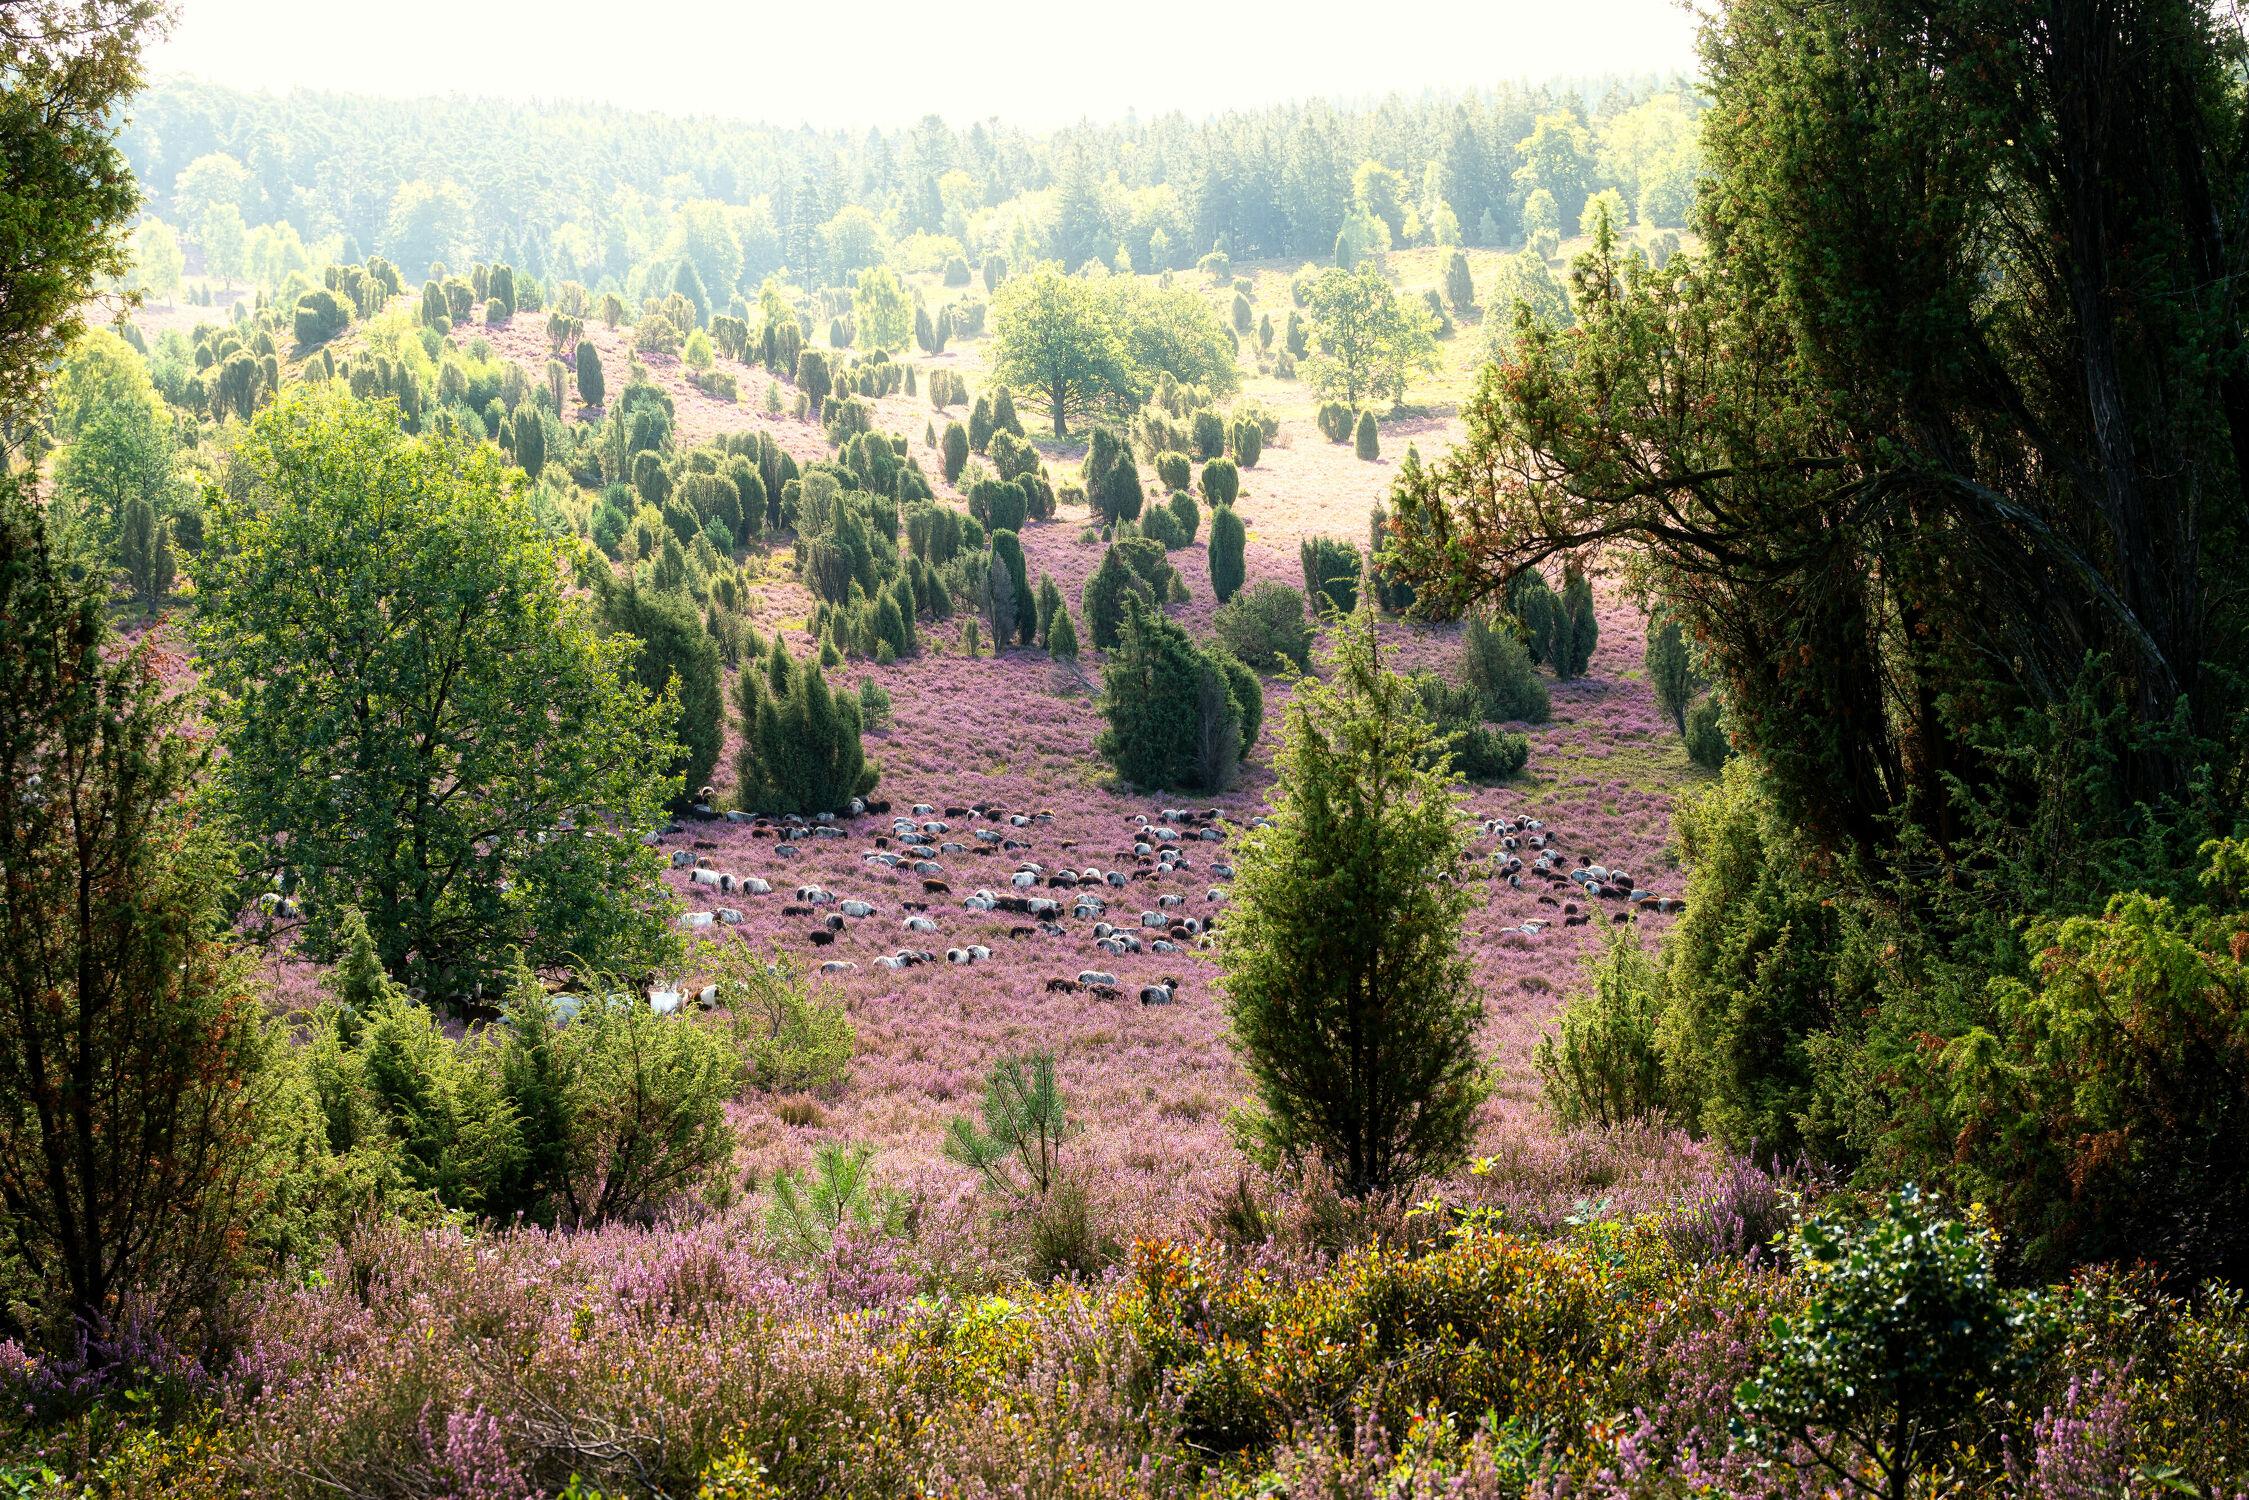 Bild mit Tiere, Natur, Sommer, Sommer, Heide, Schafe, Niedersachsen, Tag, Lüneburger Heide